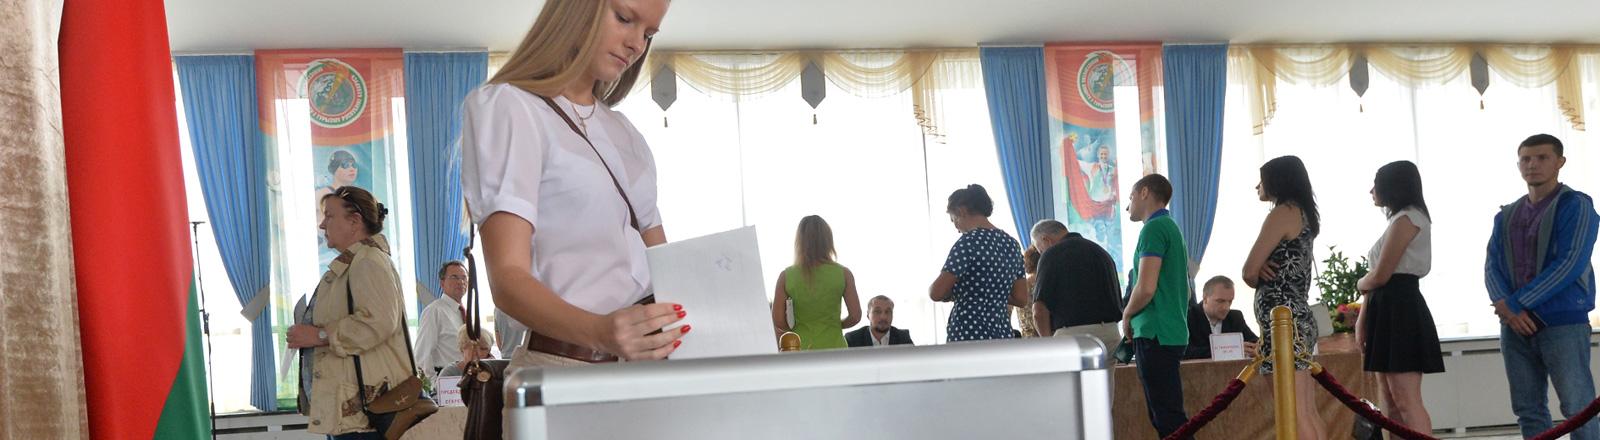 In einem Wahllokal in Minsk (11.09.2016) wirft eine junge Frau ihren Stimmzettel in eine große graue Box. Hinter ihr stehen weitere Wähler an einem Tisch an; Foto: dpa